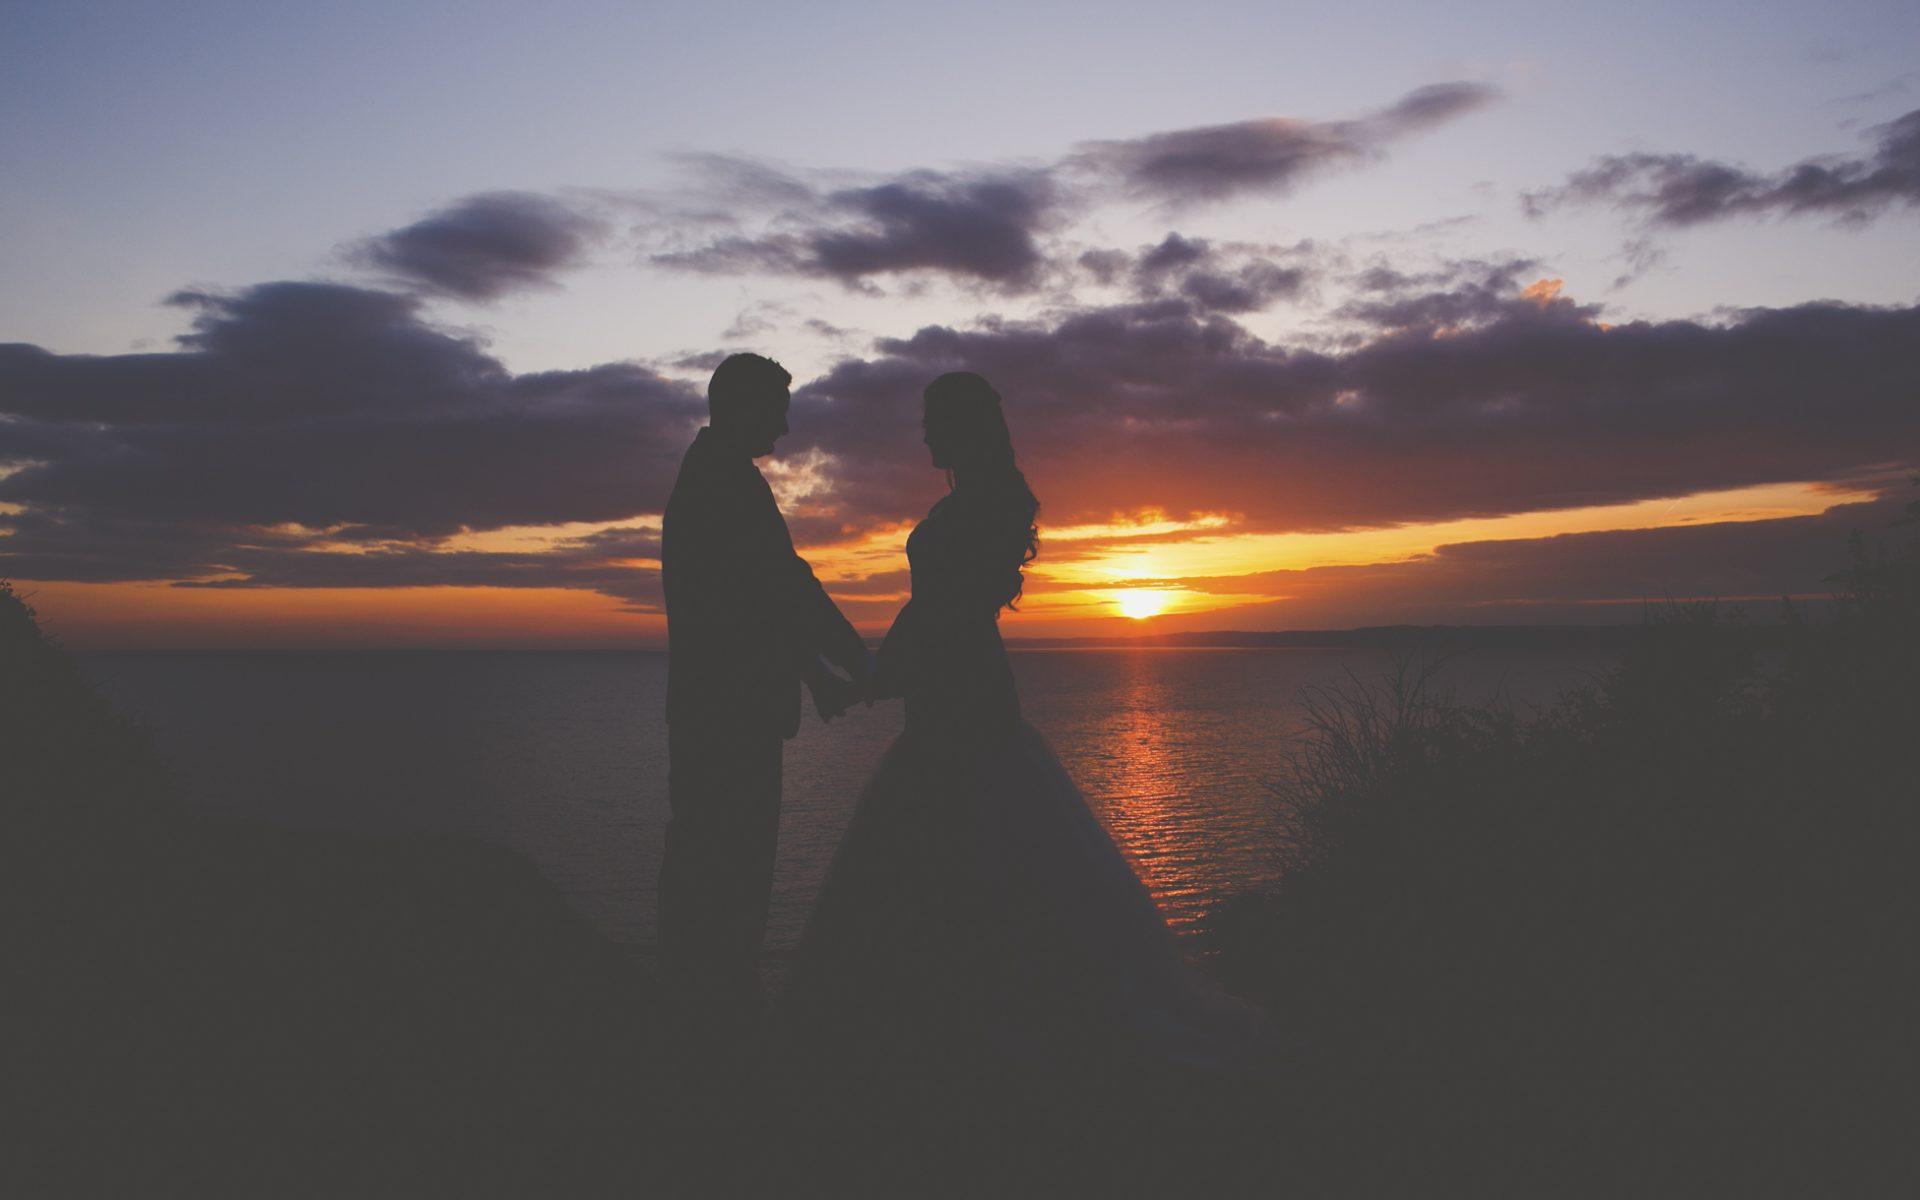 Cornwall Wedding Photography - Polhawn Fort Wedding